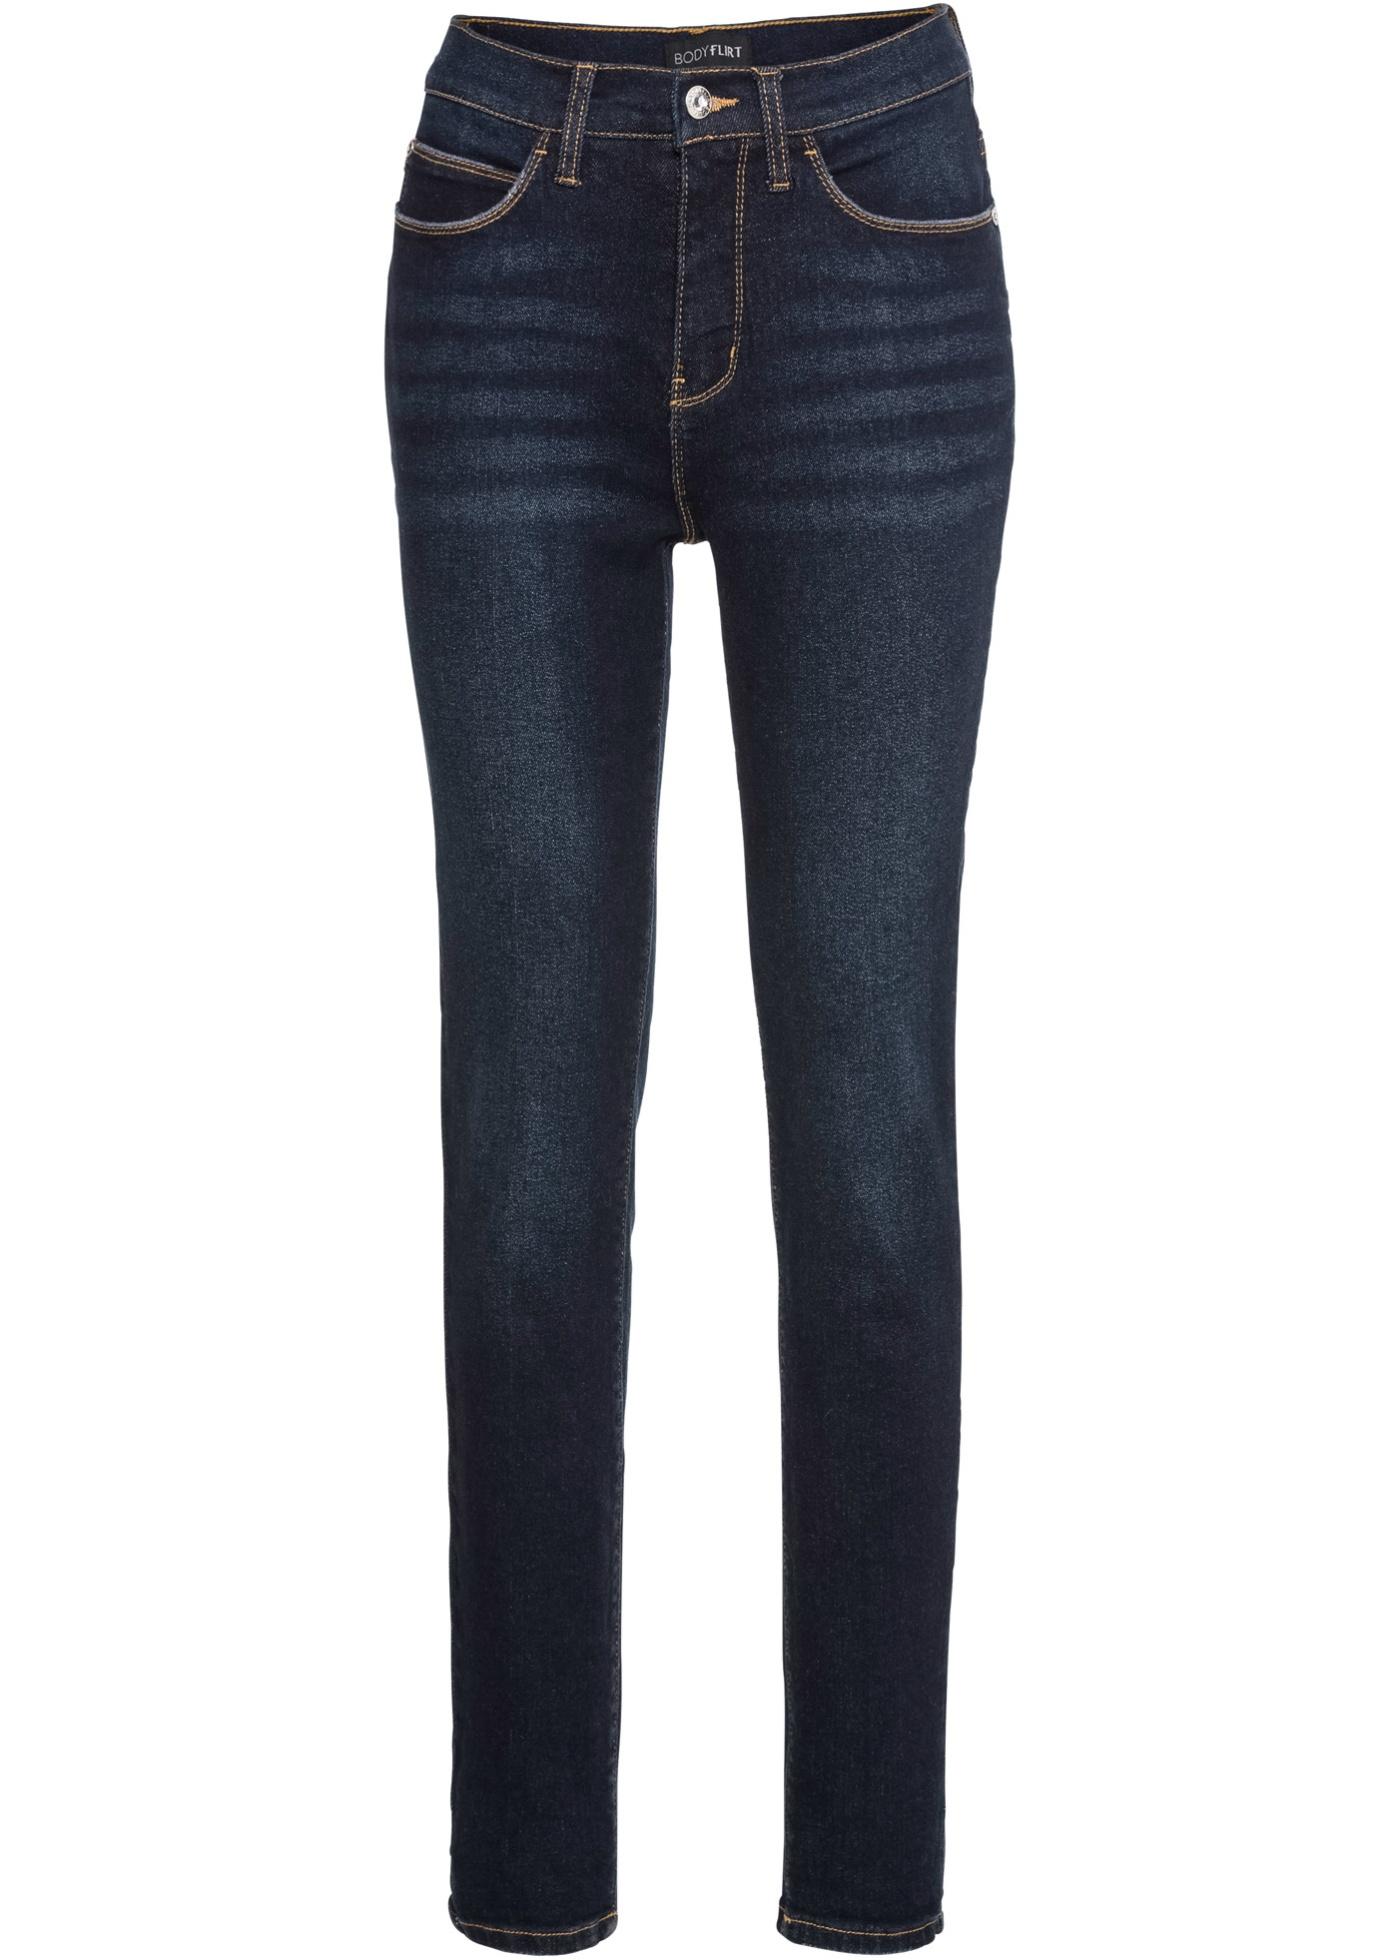 Bonprix SE - Jeans med smala ben och hög midja 329.00